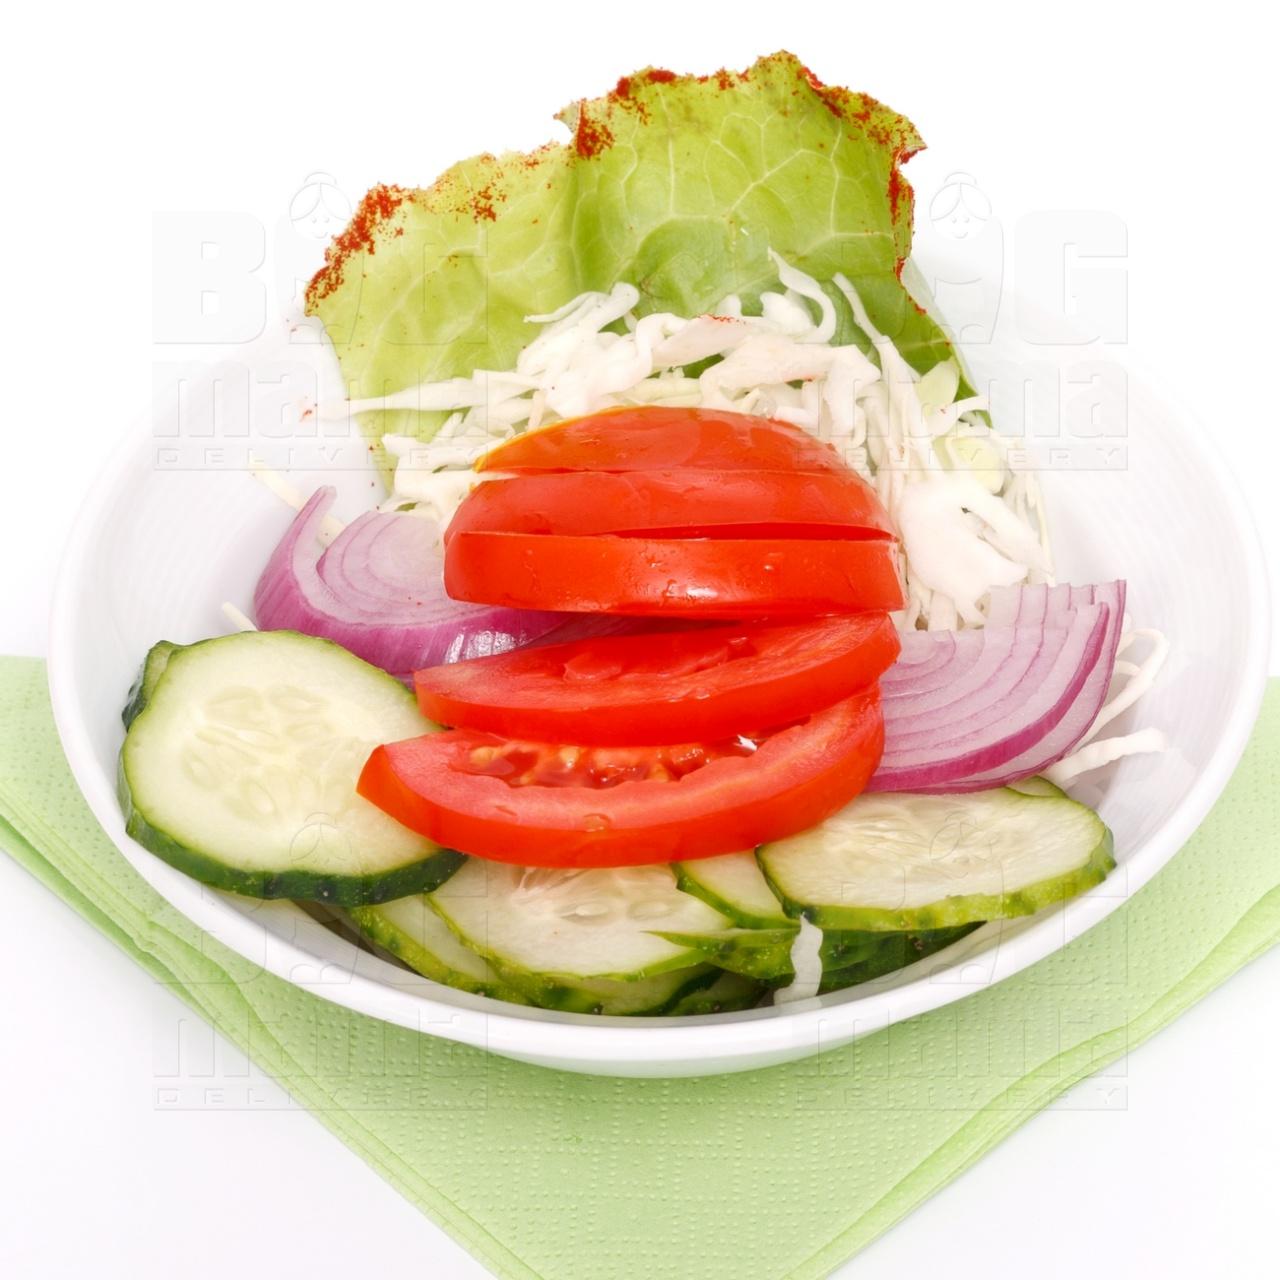 Product #42 image - Salată crudităţi proaspătă